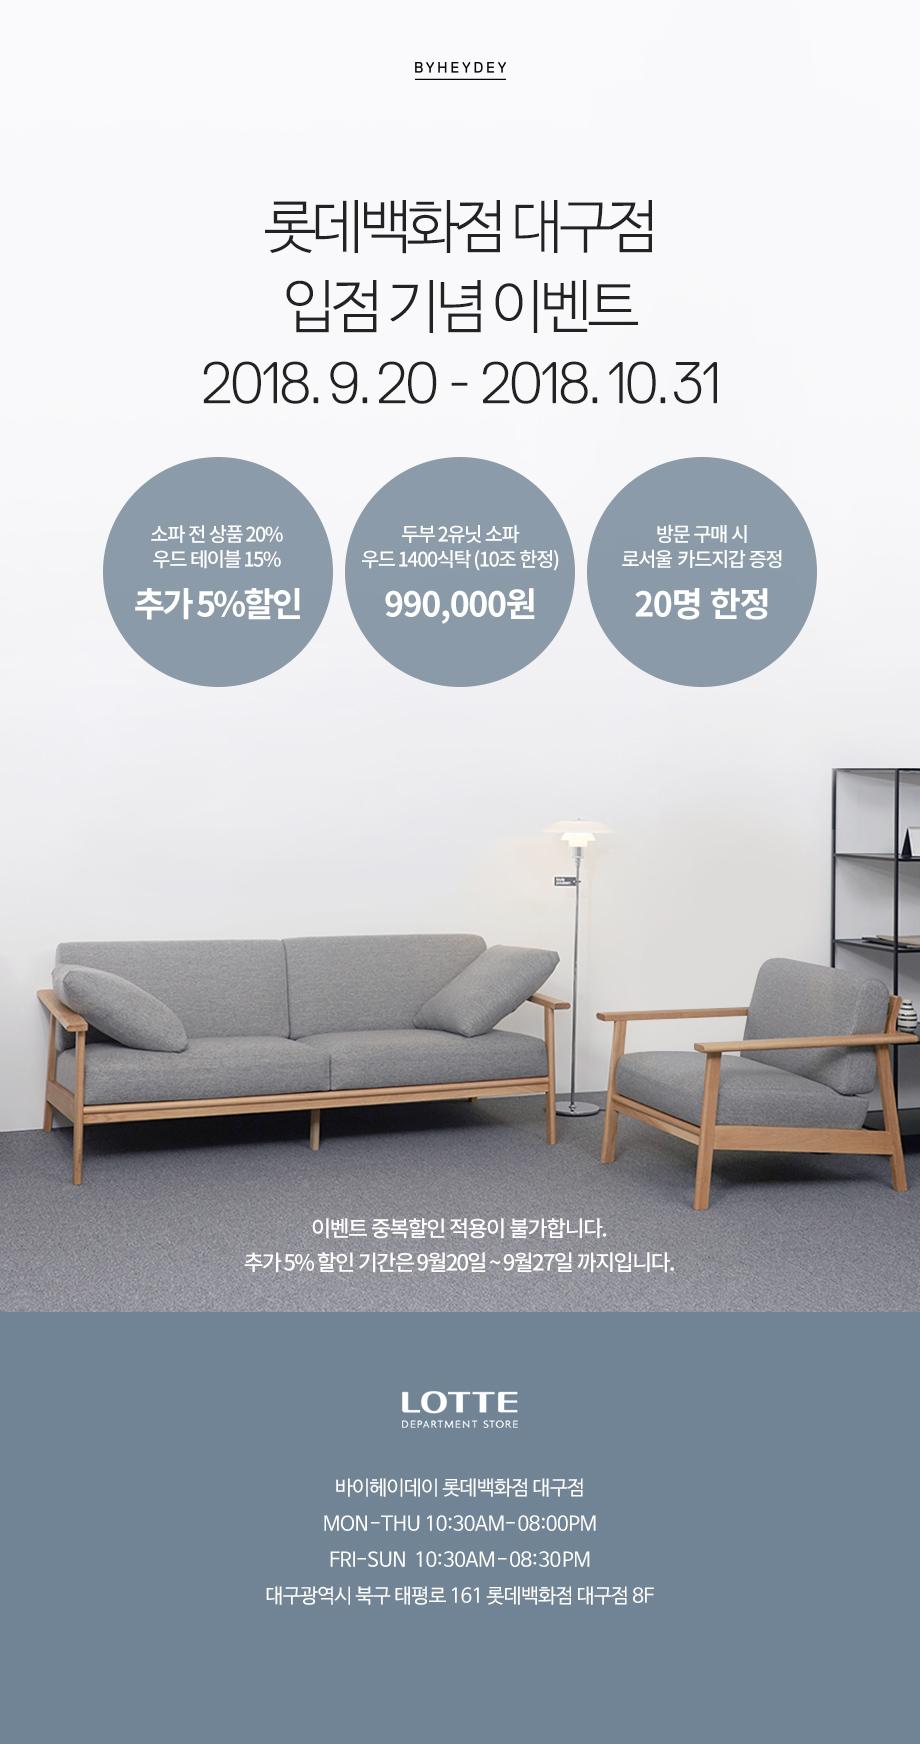 롯데백화점 대구점 입점 기념 이벤트 2018.9.20 - 2018.9.31